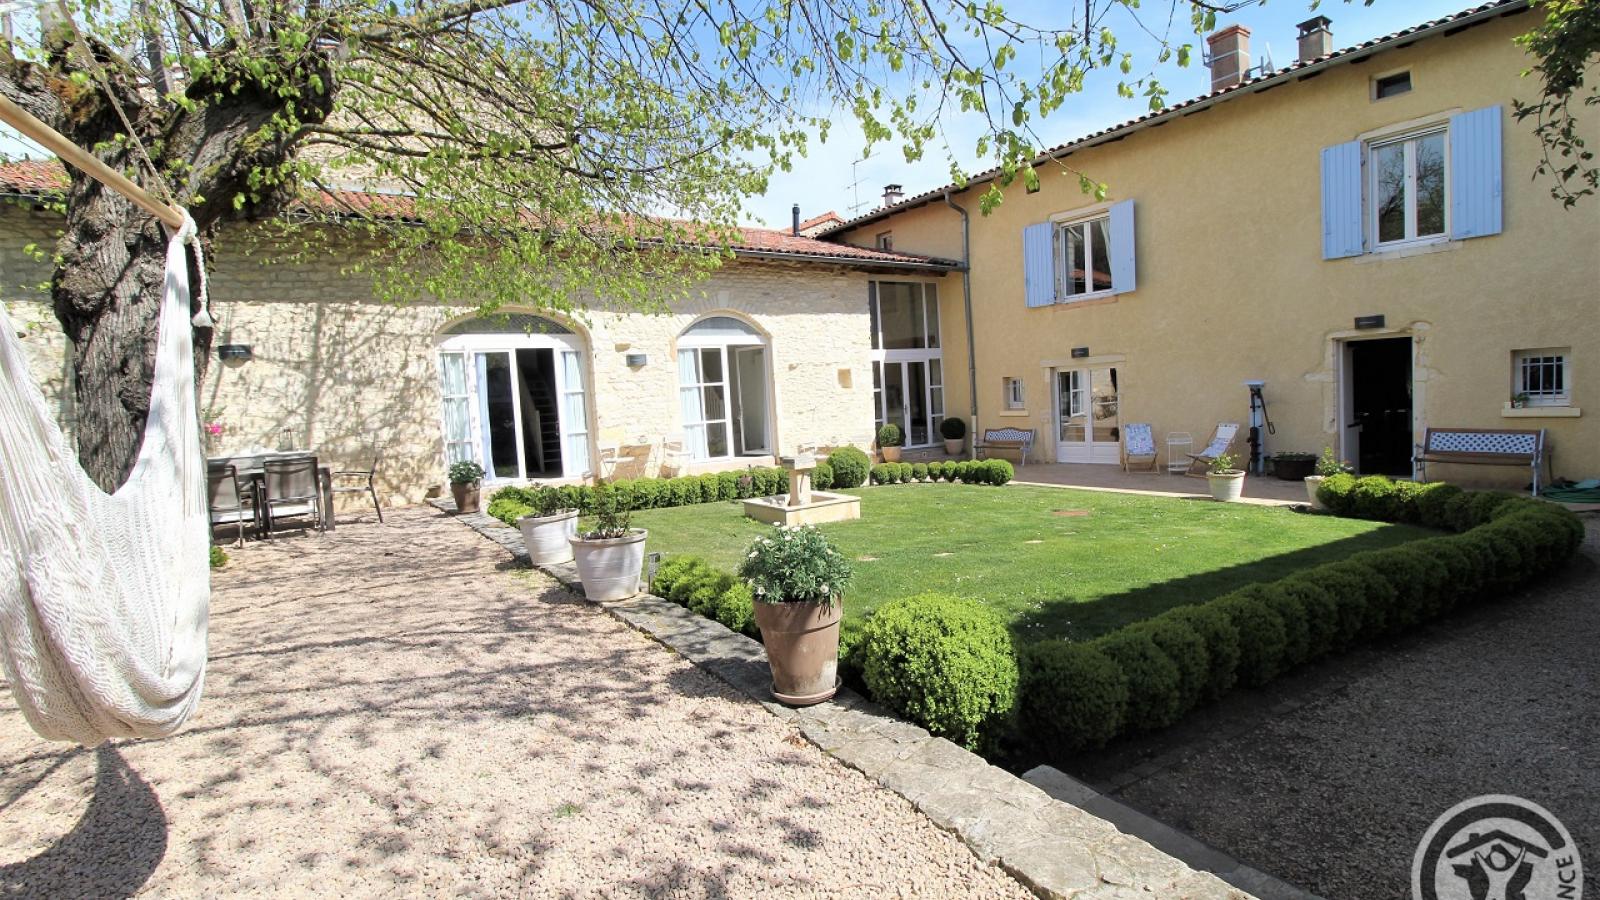 Chambres d'Hôtes 'Les 2 Tilleuls' à Lucenay dans le Beaujolais - Rhône : la maison et son jardin intérieur.